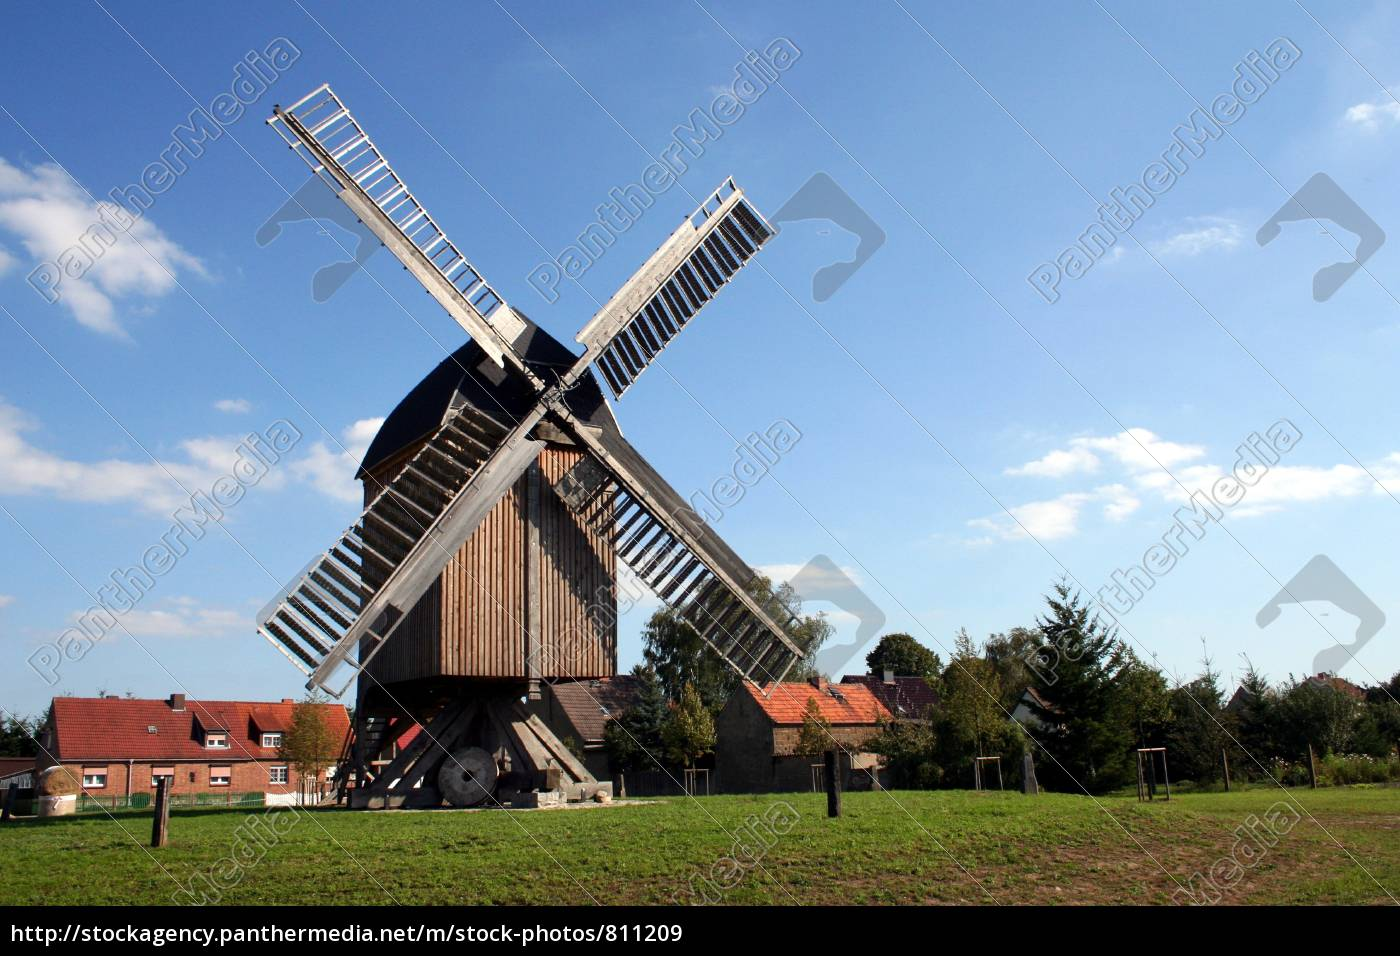 windmill - 811209